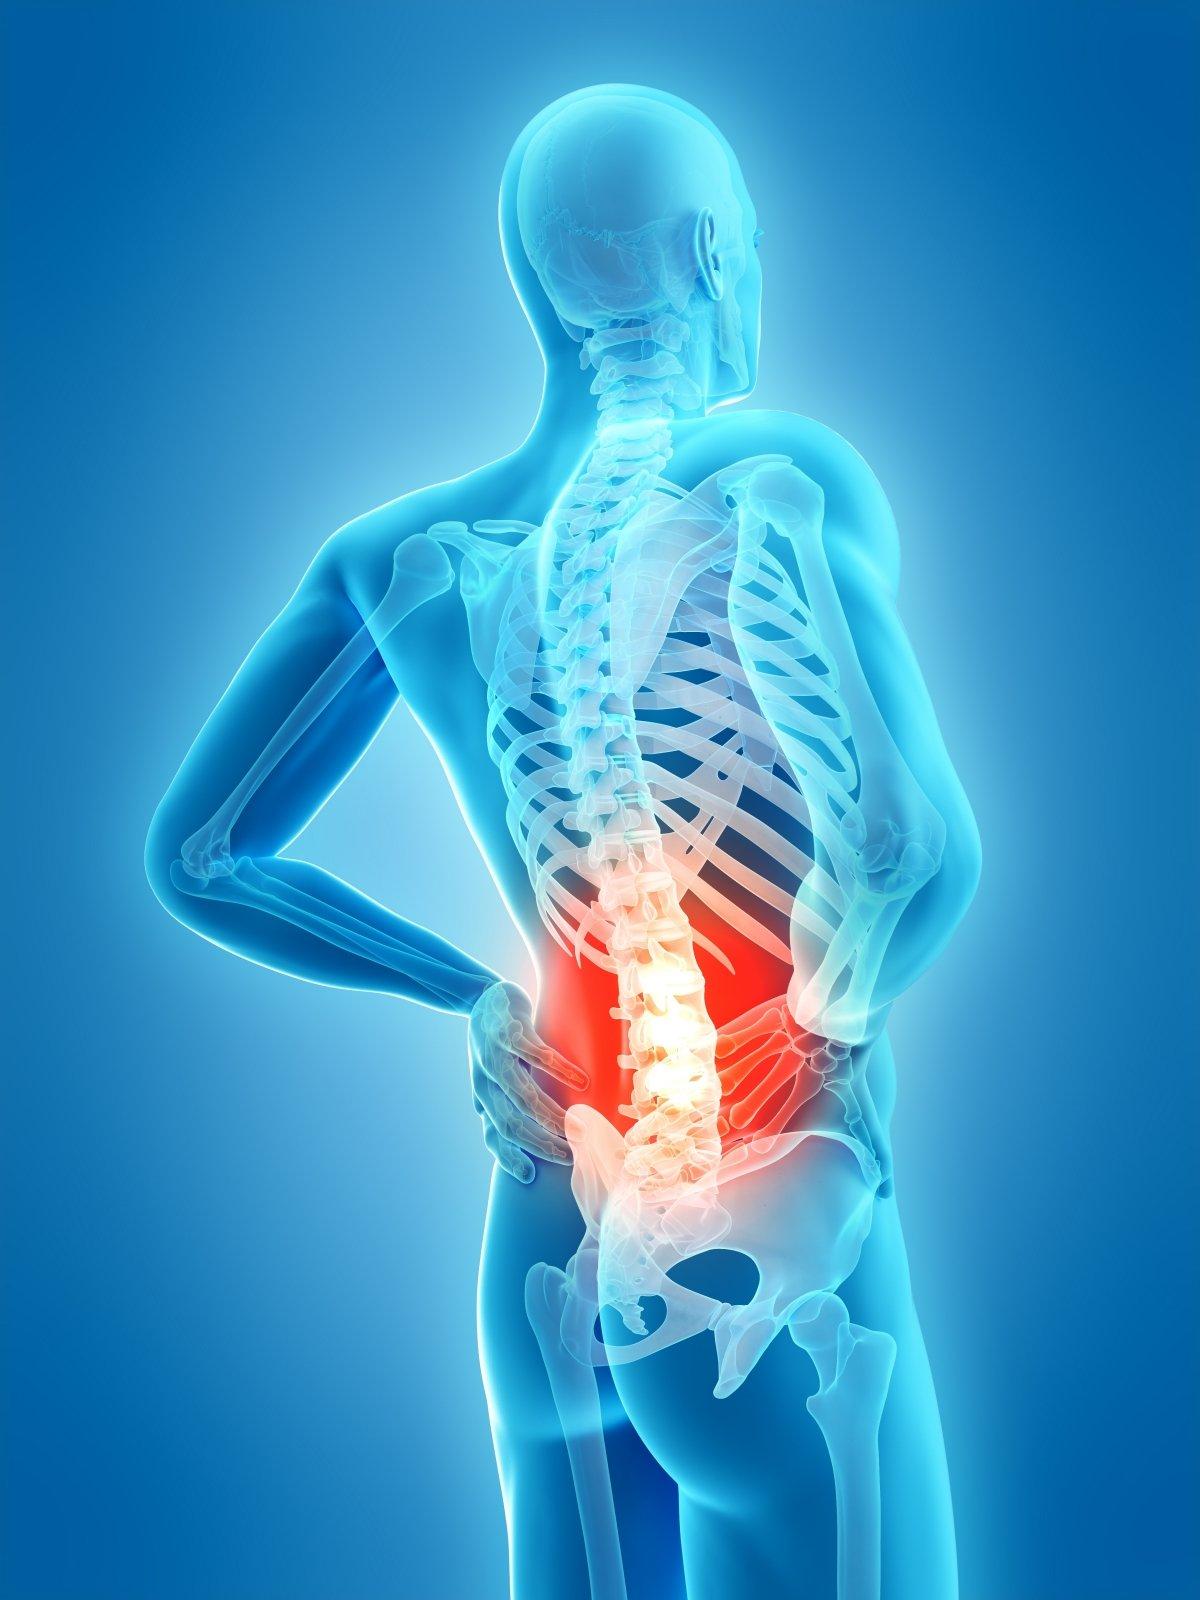 pagalba atšiaurių skausmai gydymas artrozės pagal netradicinių metodų